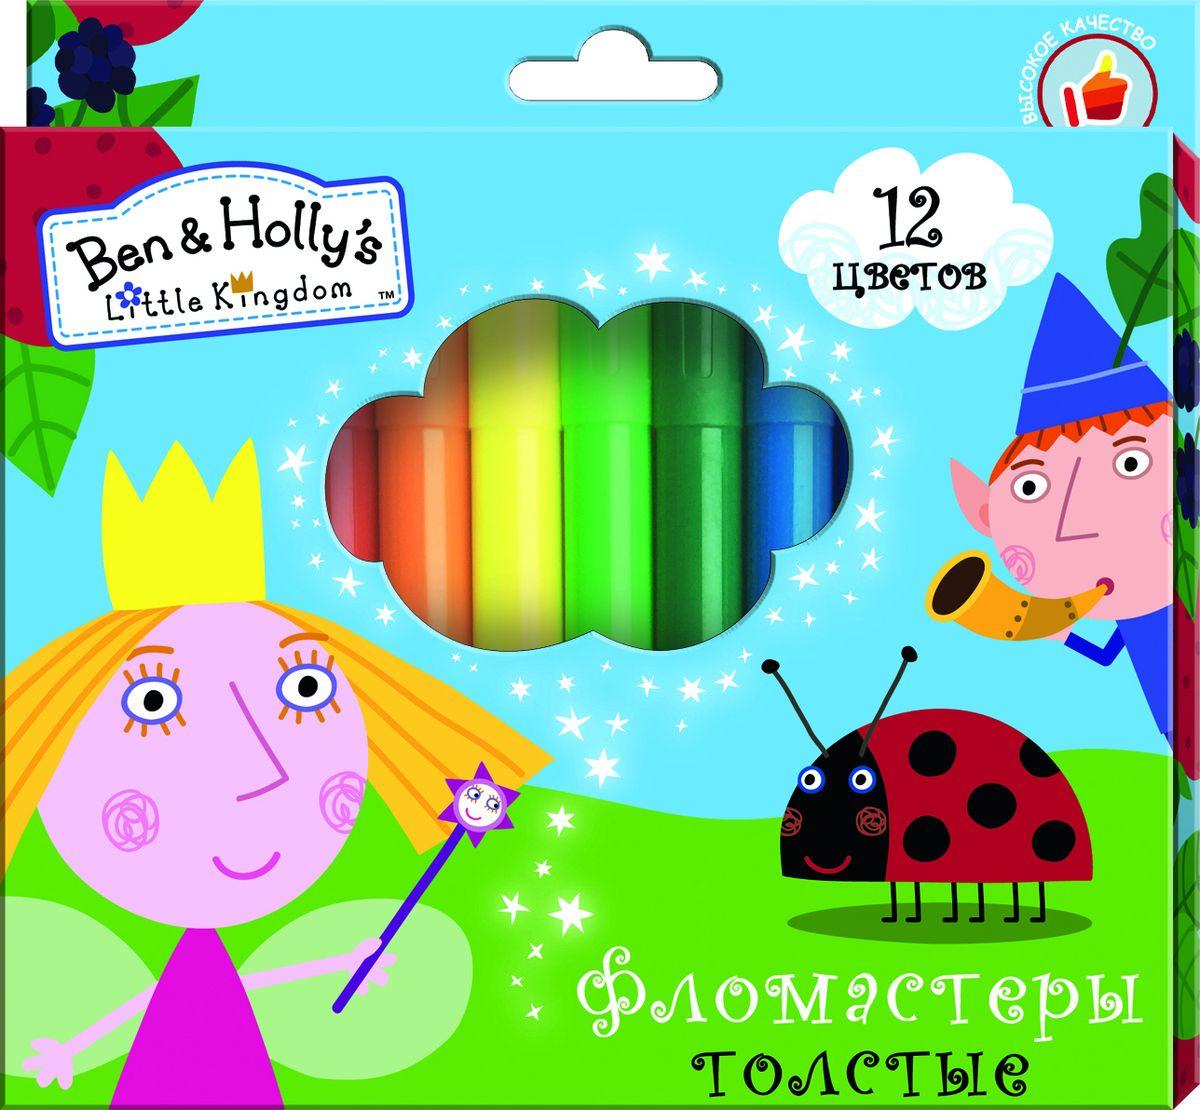 Ben&Holly Набор фломастеров Бен и Холли толстые 12 цветов72523WDФломастеры ТМ Бен и Холли предназначены для самых юных художников, которые только учатся их держать в еще непослушных ручках: утолщенная форма корпуса создана специально для маленьких детских пальчиков. Фломастеры, идеально подходящие для раскрашивания и рисования, помогут вашему ребенку создать яркие картинки, а упаковка с любимыми героями будет долгое время радовать малыша. В набор входит 12 разноцветных толстых фломастеров с вентилируемыми колпачками, безопасными для детей.Диаметр корпуса: 1,5 см; длина: 14,5 см.Фломастеры изготовлены из материала, обеспечивающего прочность корпуса и препятствующего испарению чернил, благодаря этому они имеют гарантированно долгий срок службы: корпус не ломается, даже если согнуть фломастер пополам.Состав: ПВХ, пластик, чернила на водной основе.